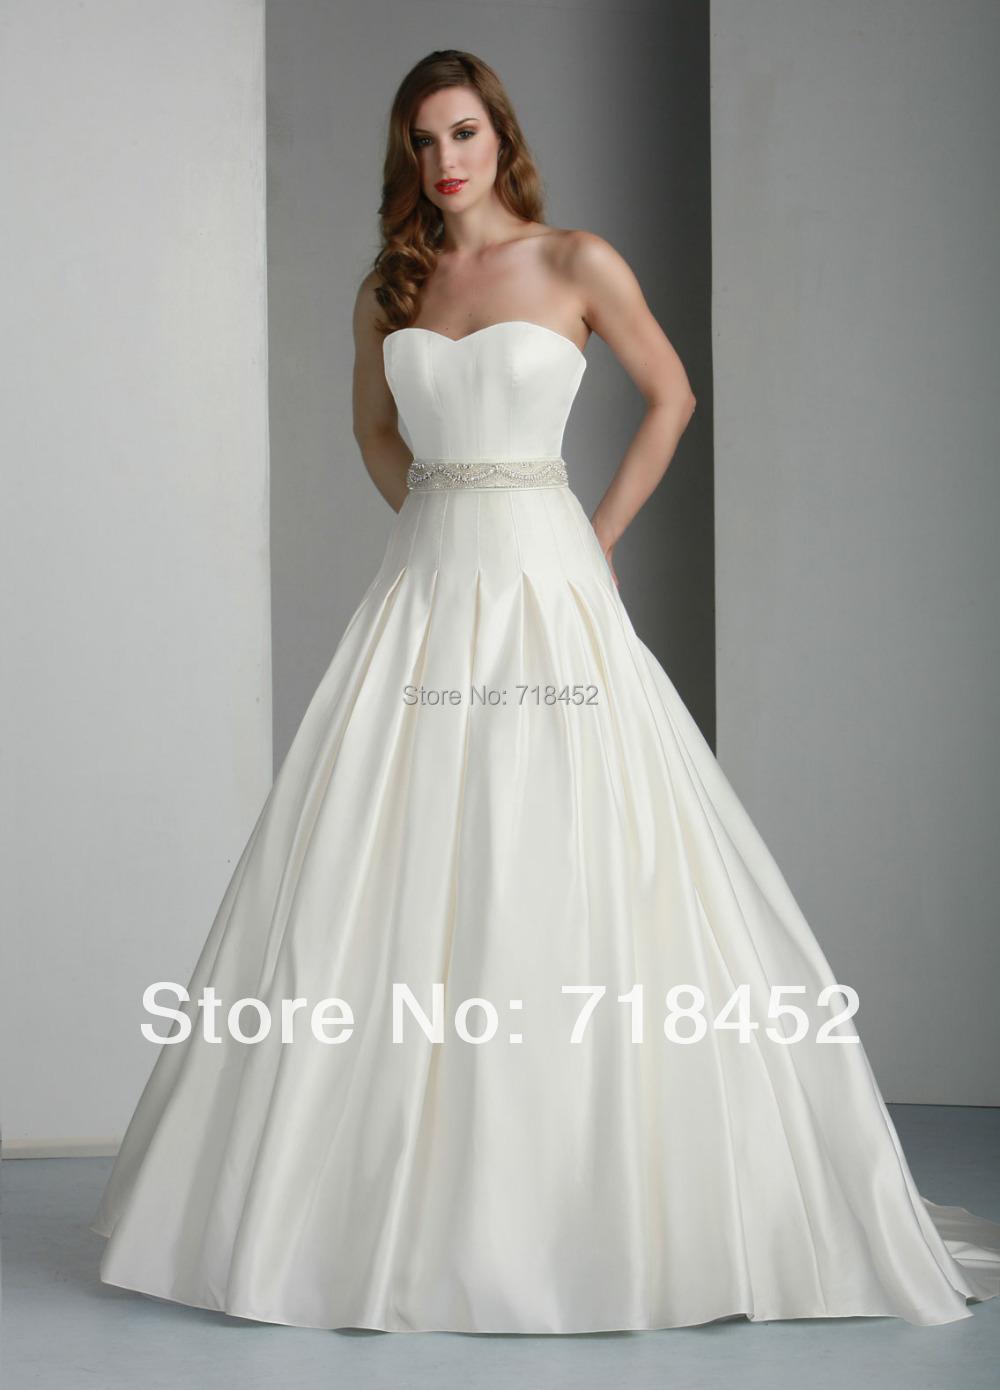 Online Get Cheap Wedding Dresses Low Waist -Aliexpress.com ...